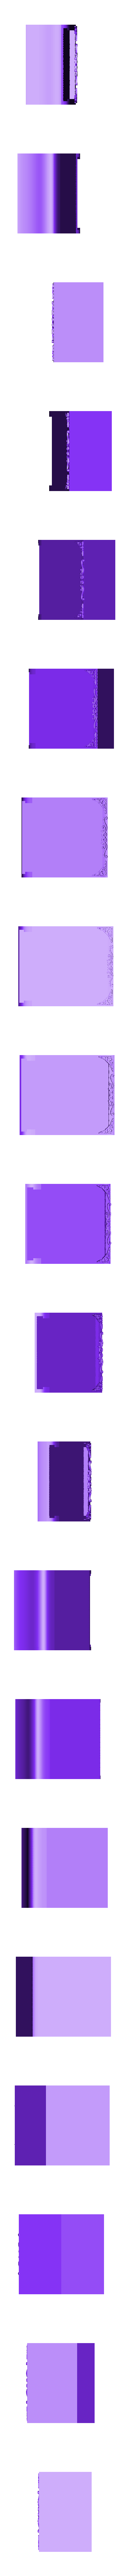 PortaCalendario_001.stl Télécharger fichier STL gratuit Porte-calendrier • Modèle pour impression 3D, Cipper